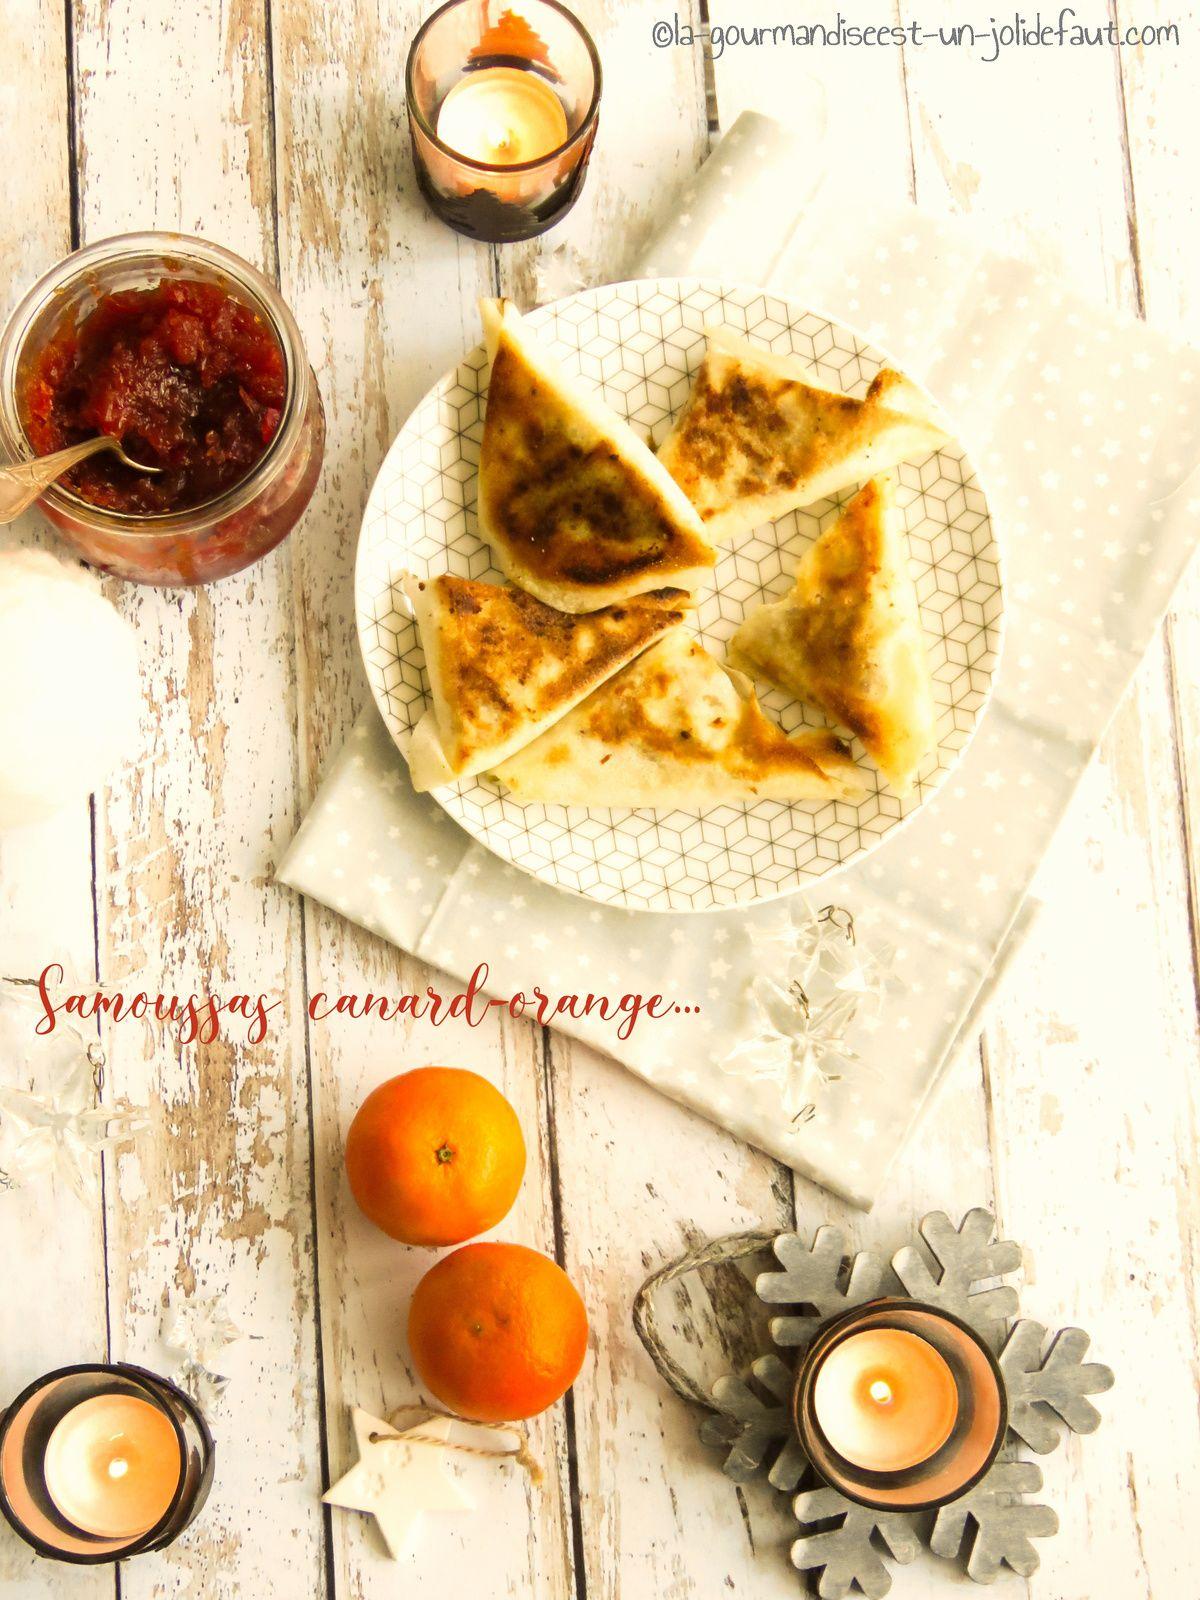 Samoussa de canard confit au chutney d'orange